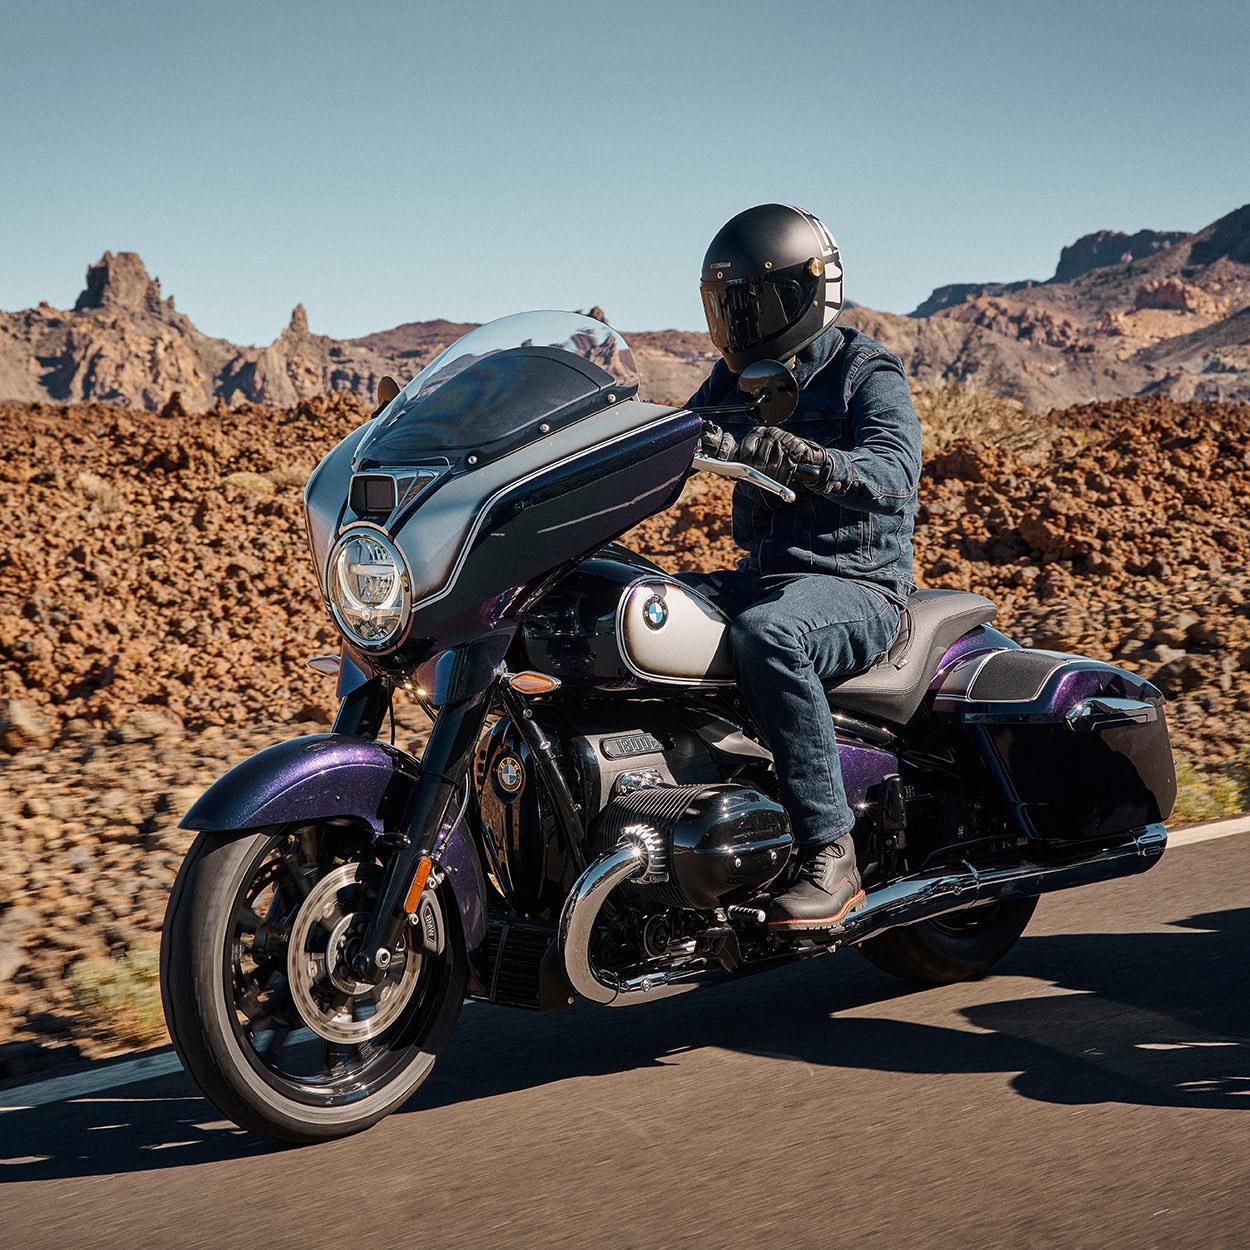 BMW R18 B touring motorcycle